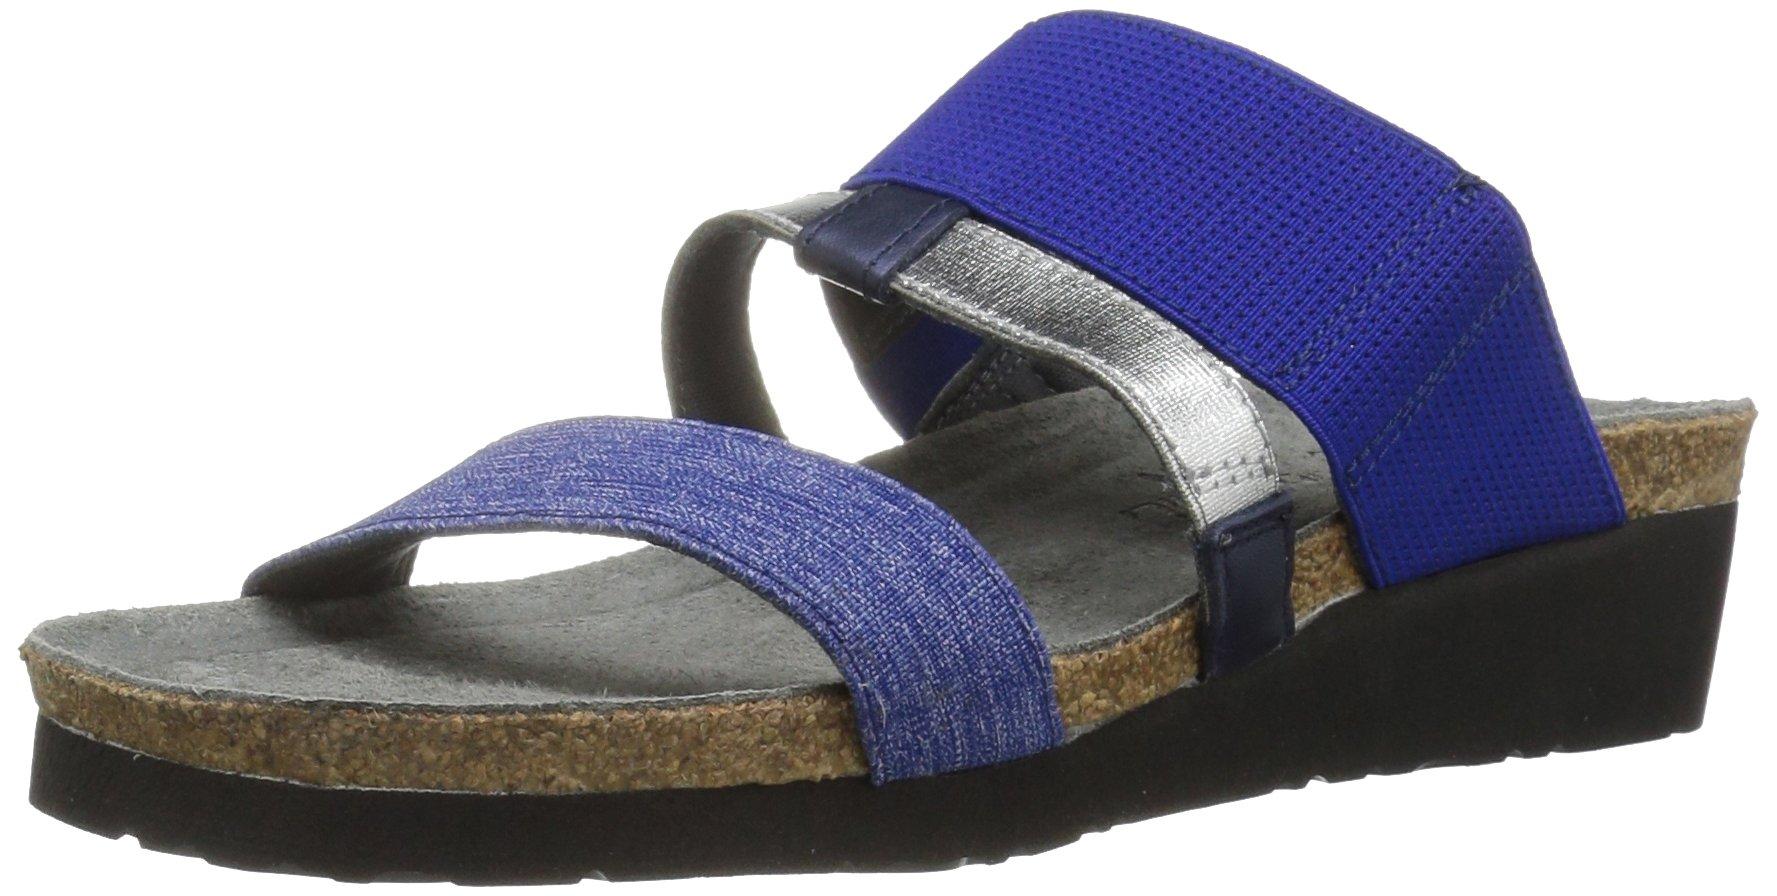 Naot Footwear Women's Brenda, Blue/Silver Stretch Combo/Polar Sea Leather, 42 (US Women's 11) M